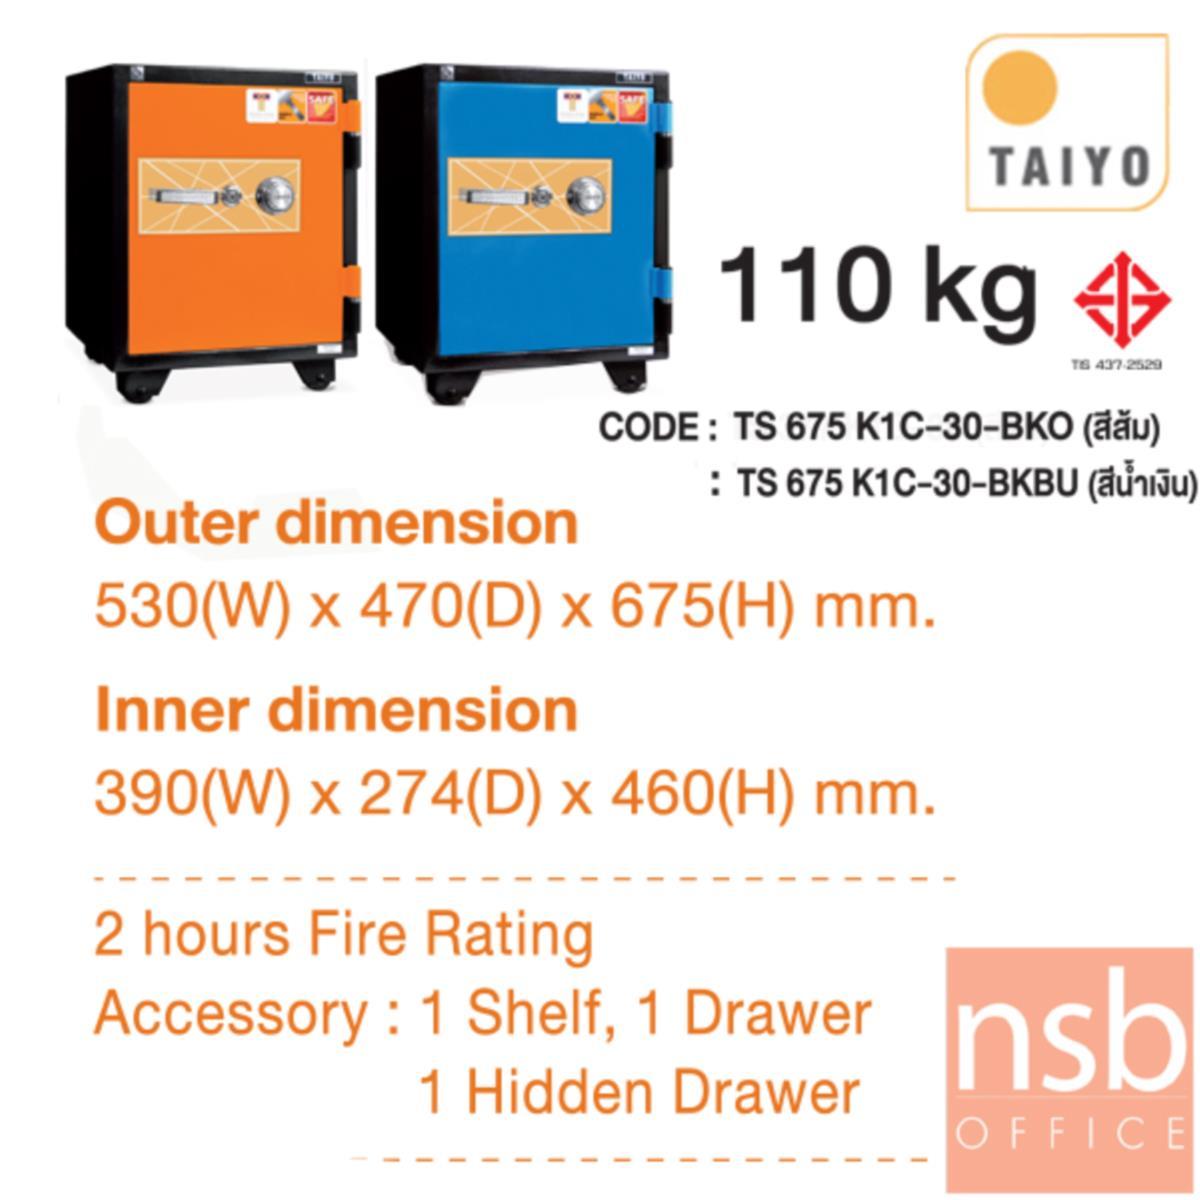 ตู้เซฟ TAIYO รุ่น 110 กก. หน้าบานสีสัน 1 กุญแจ 1 รหัส(TS675K1C-30-BK)